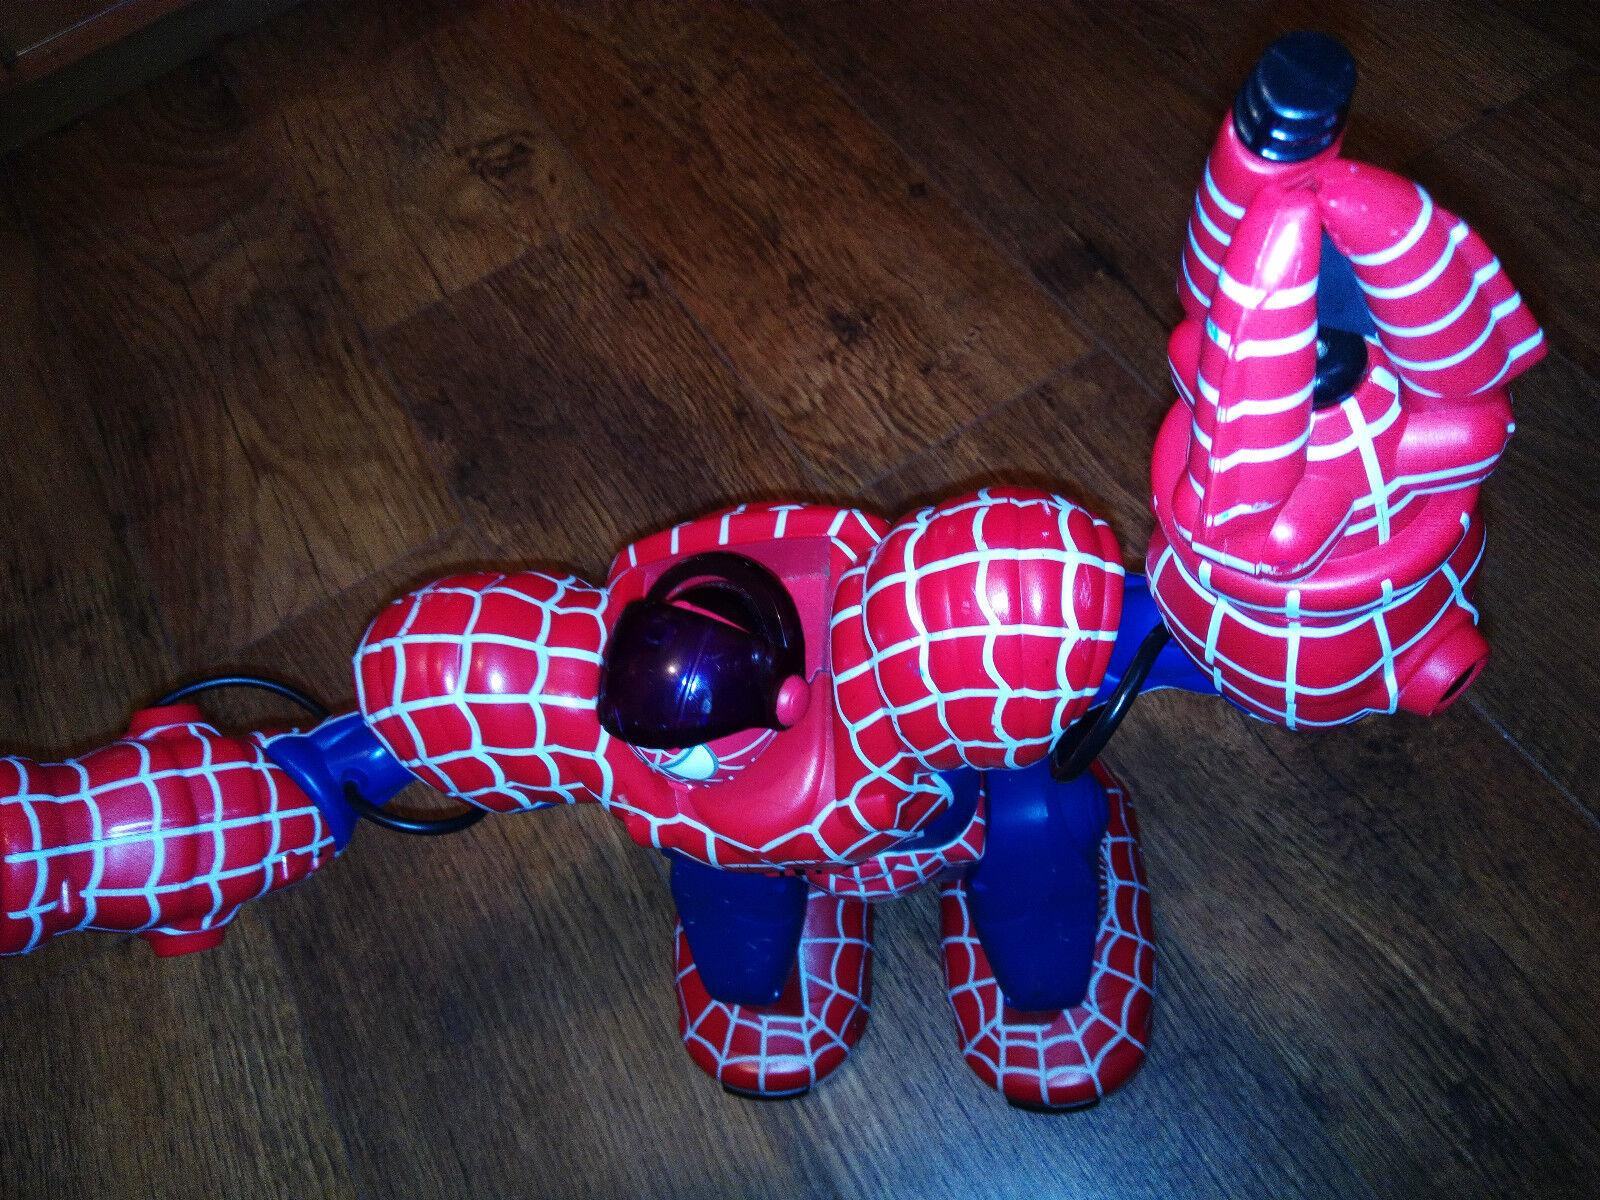 WOWWEE TOY MARVEL SPIDERMAN SPIDERSAPIEN ROBOSAPIEN ROBOT RC REMOTE CONTROL TOY WOWWEE 14